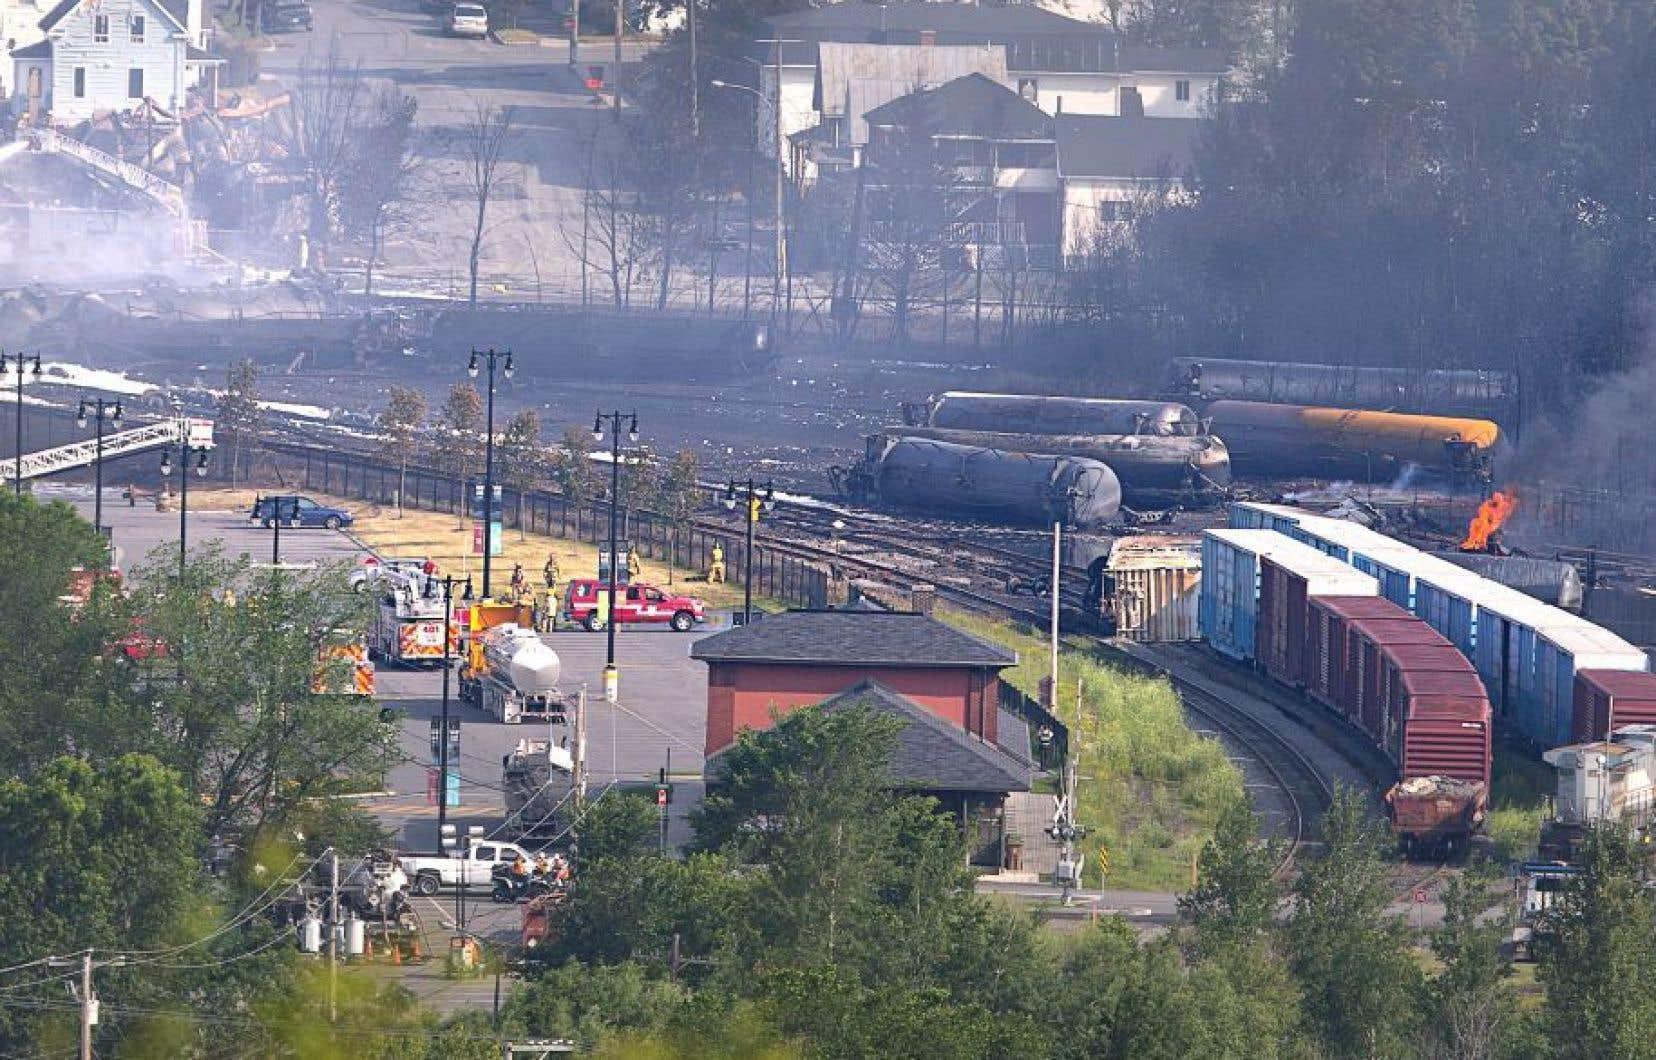 Depuis le drame à Lac-Mégantic, le ministère fédéral des Transports a mis en place plusieurs recommandations du Bureau de la sécurité des transports.